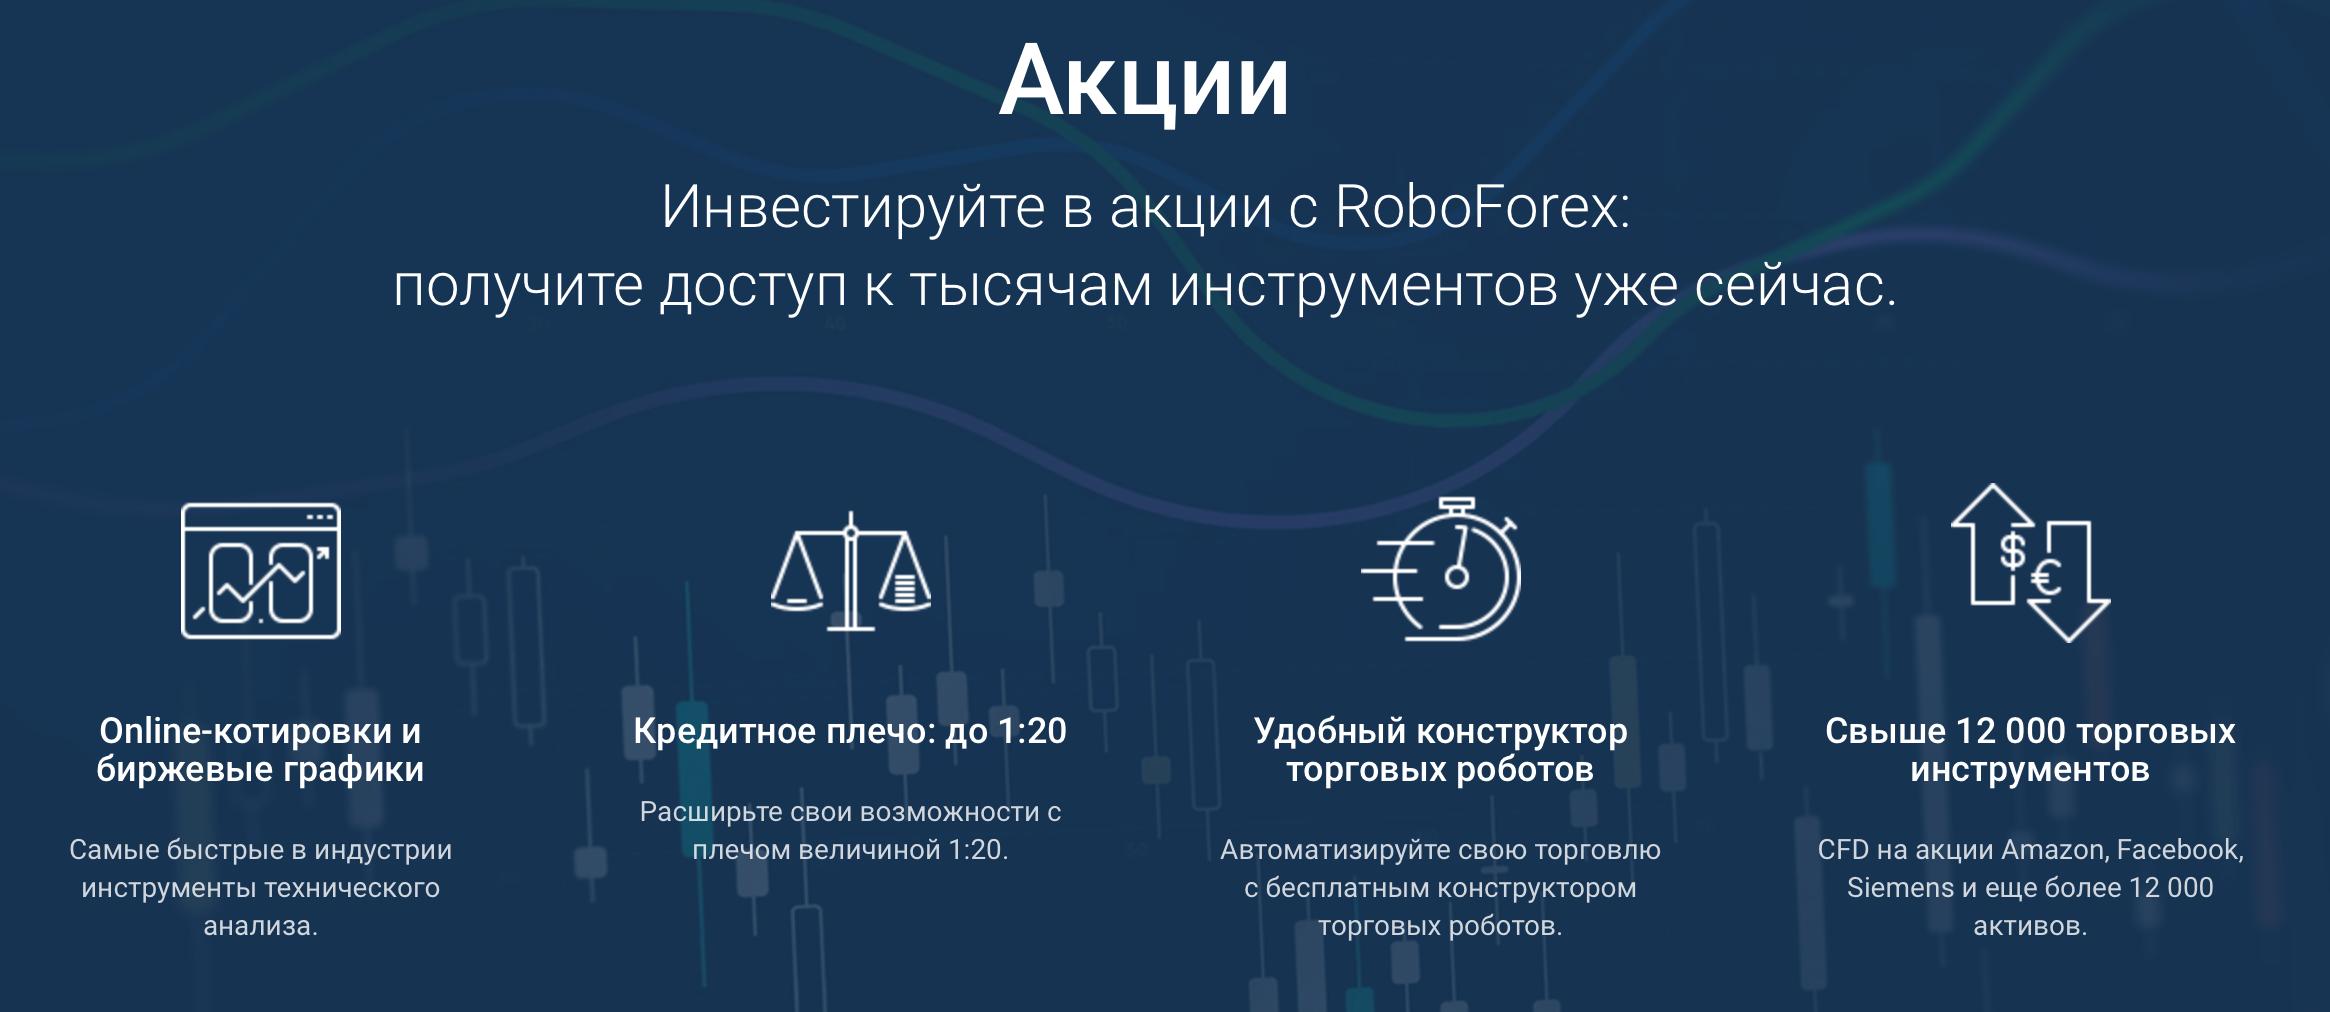 робофорекс акции